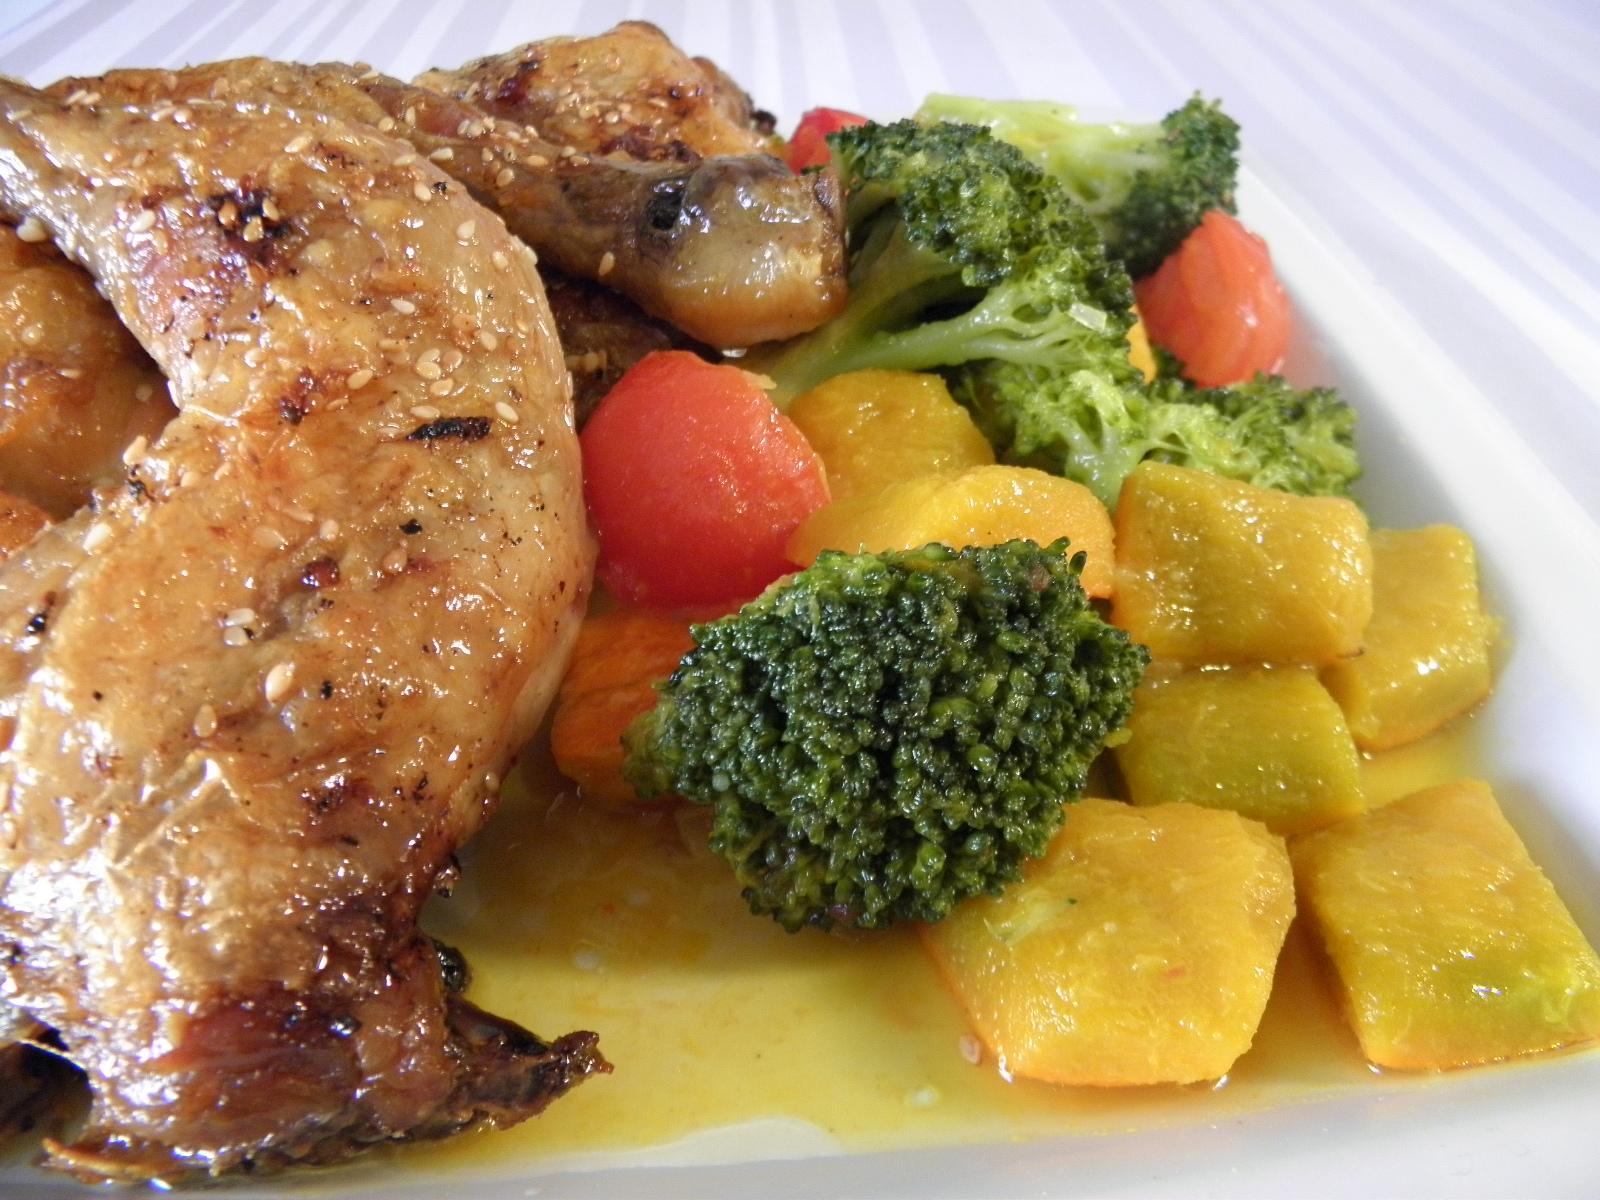 Kuřecí čtvrtky s dýní a brokolicí